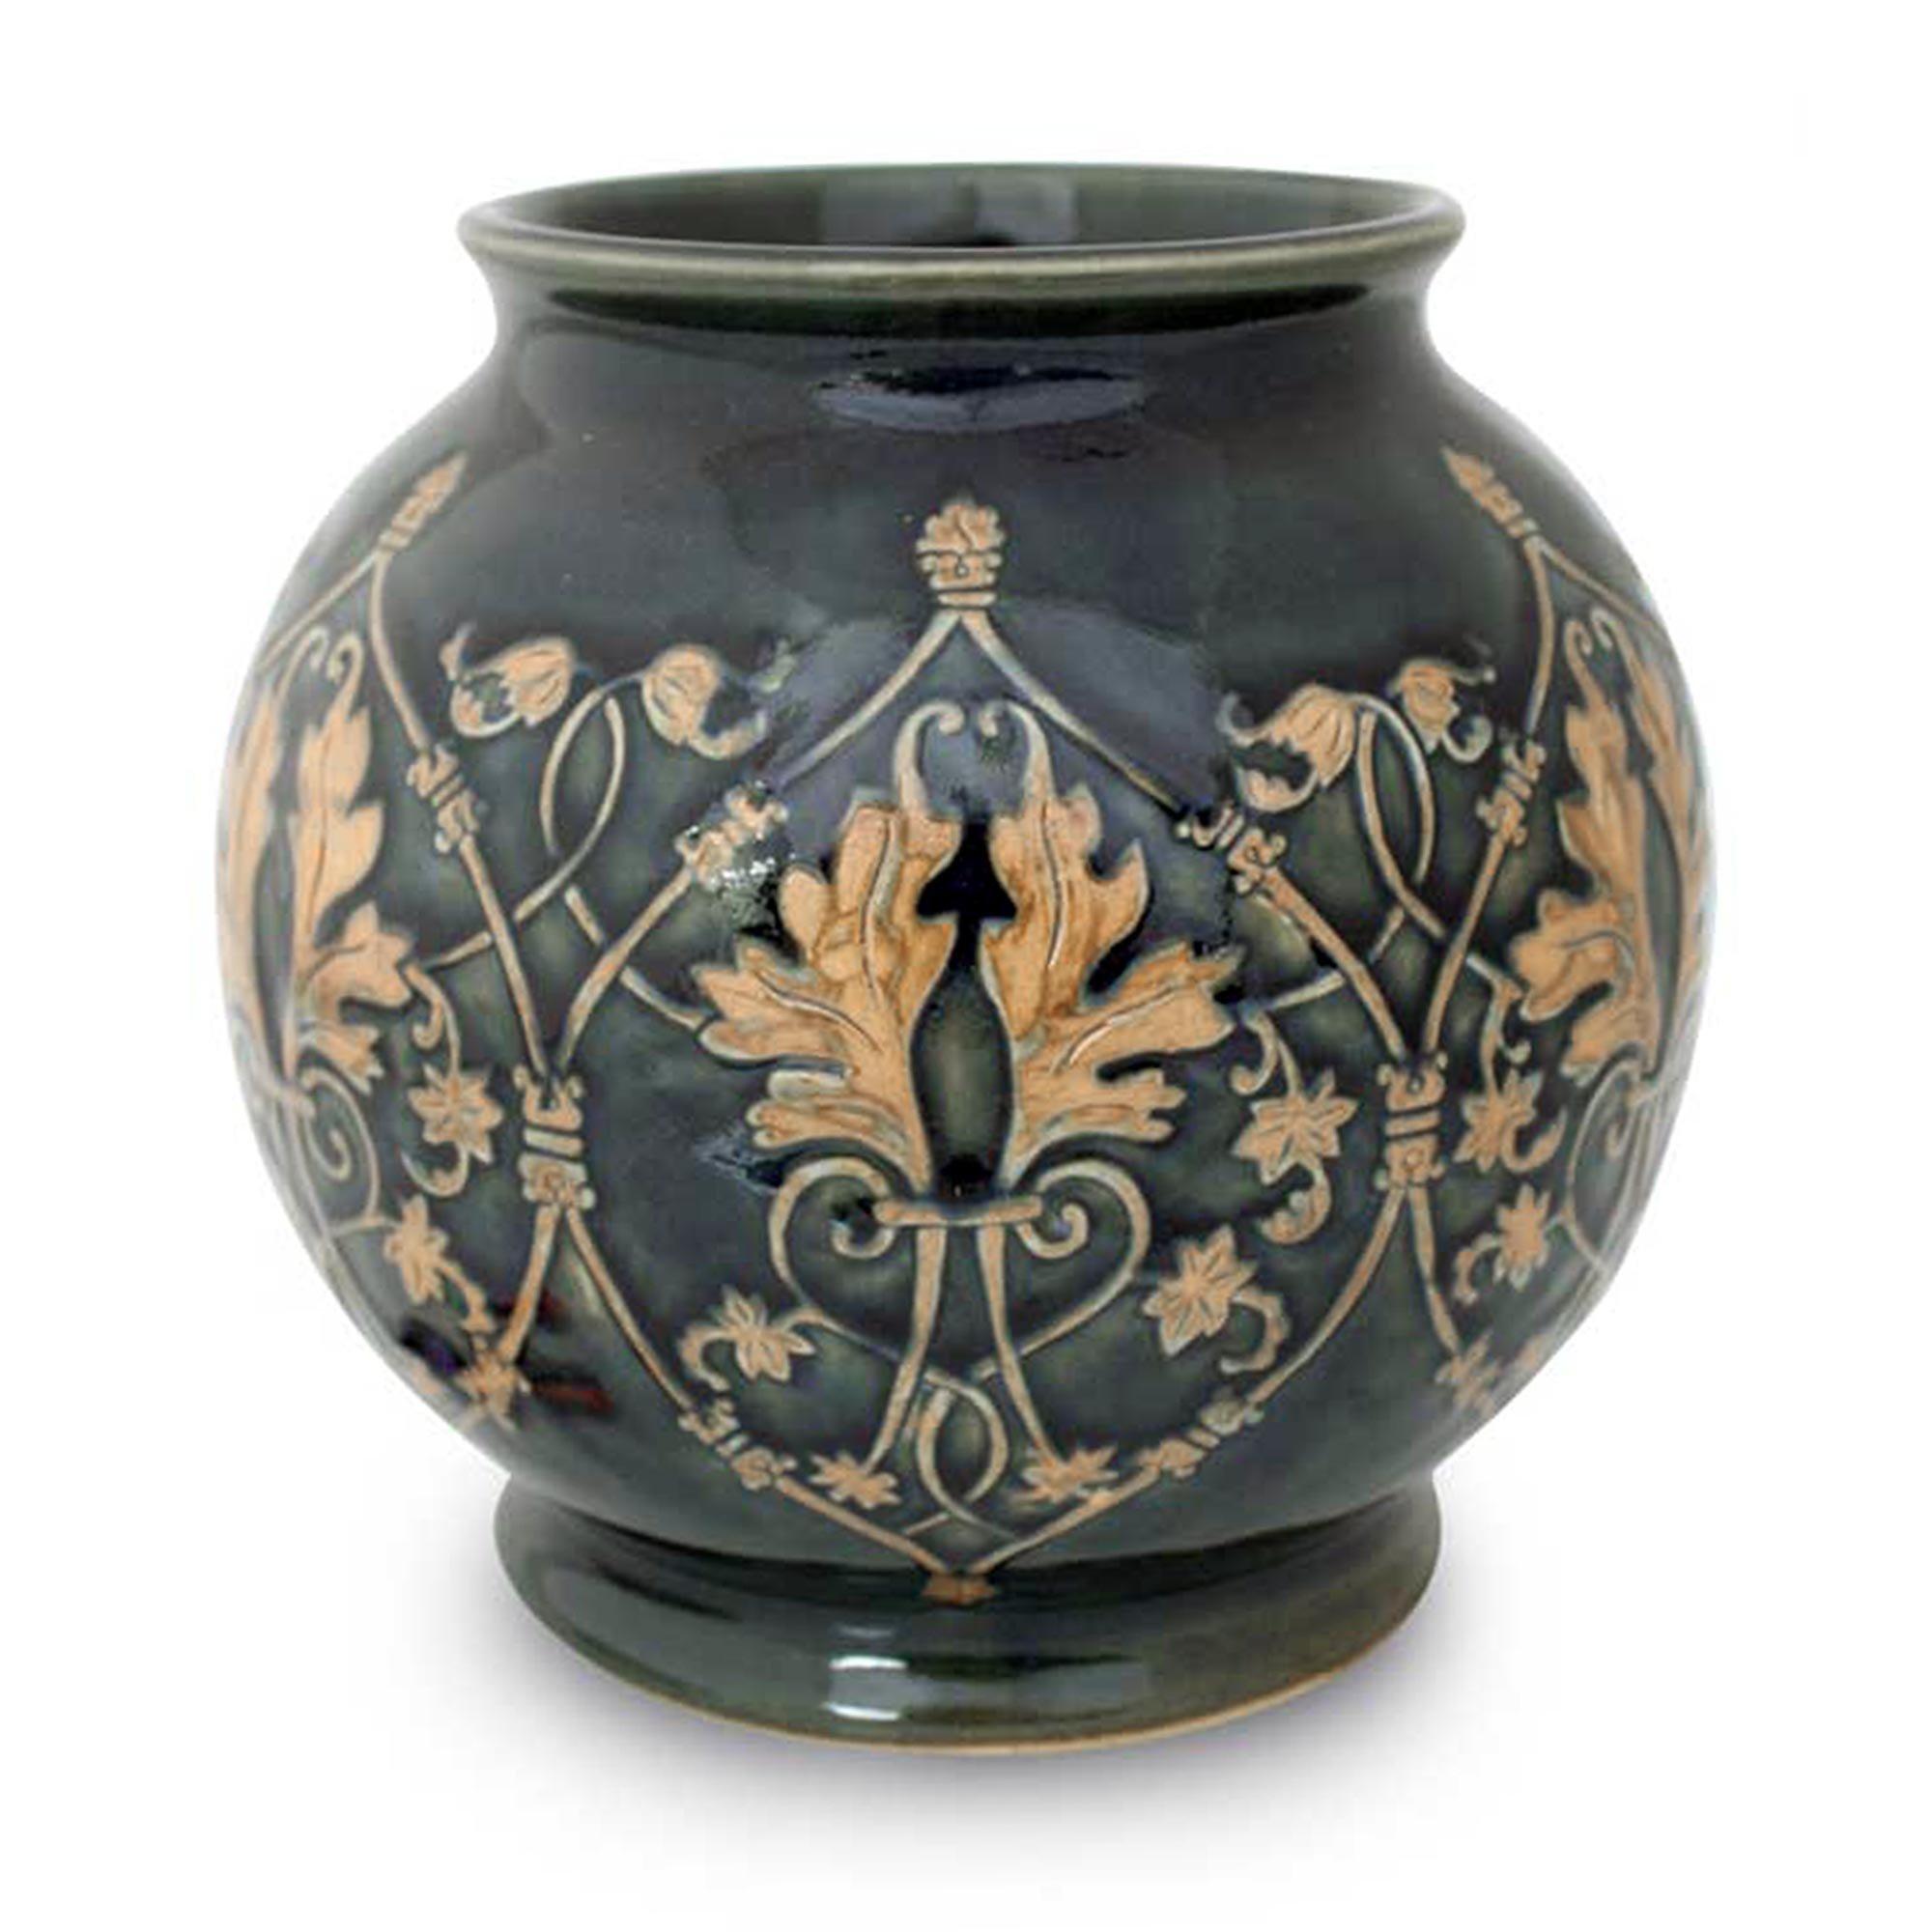 NOVICA Decorative Celadon Ceramic Vase, Green, 'Thai Emerald'